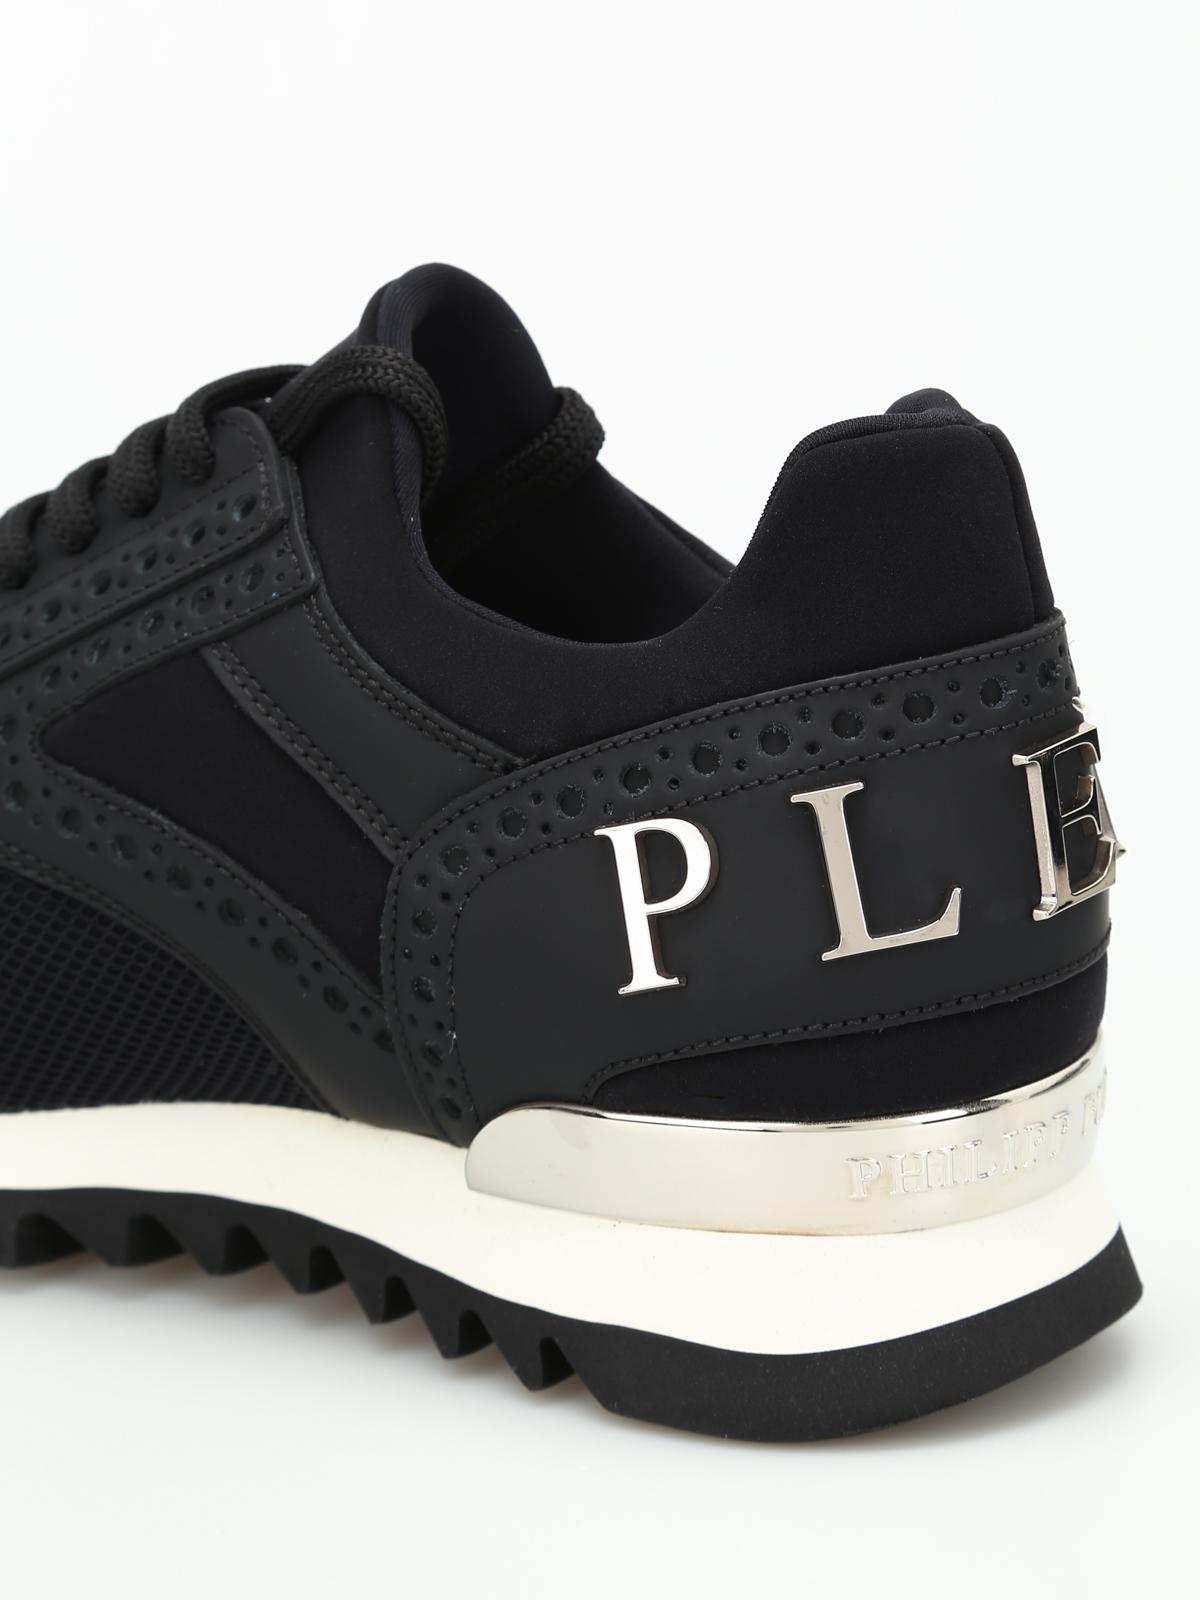 Philipp Plein King sneakers fMFOLbJ